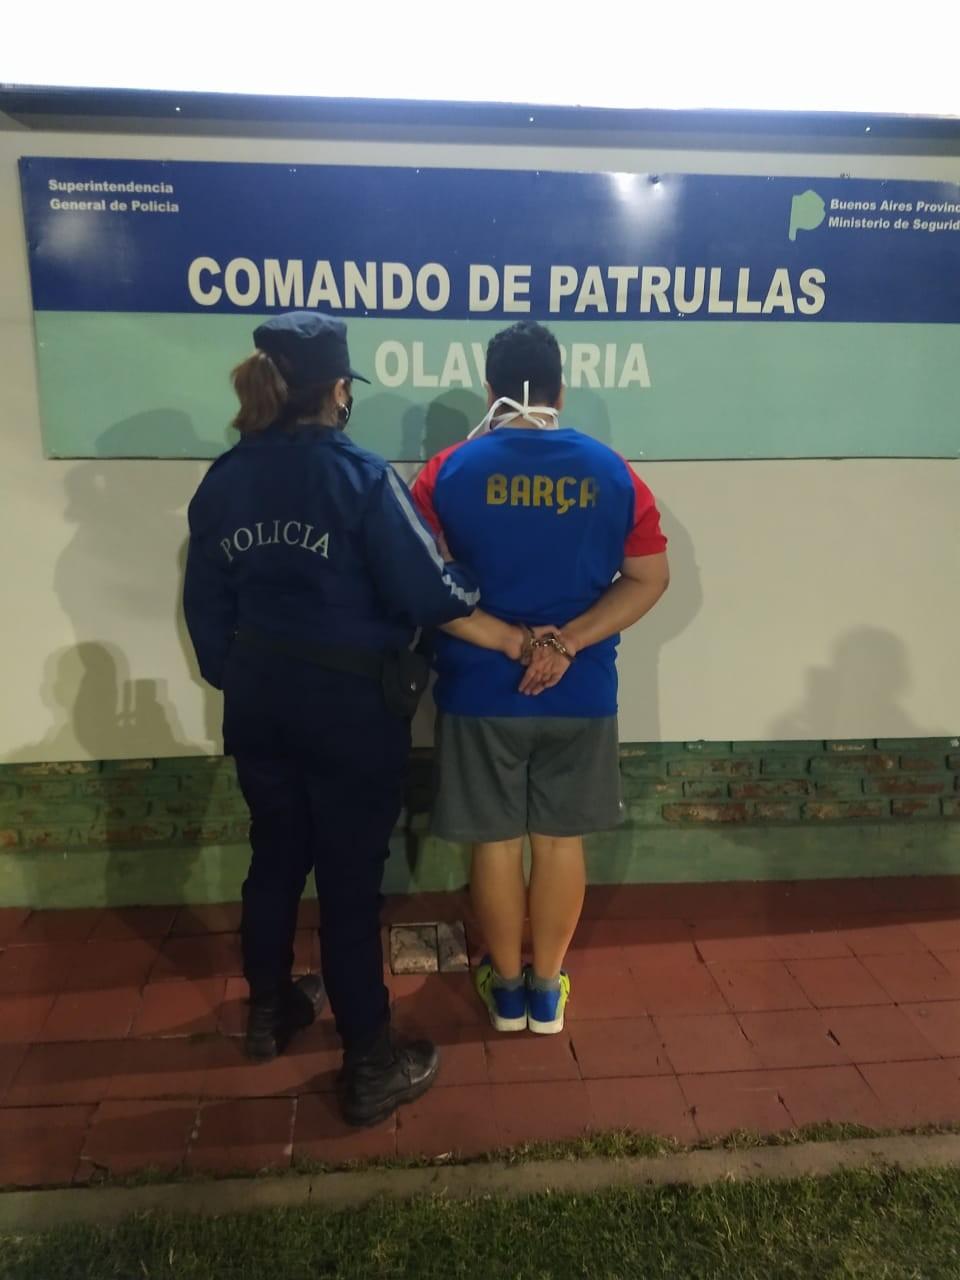 Una detenida por violar restricción de acercamiento